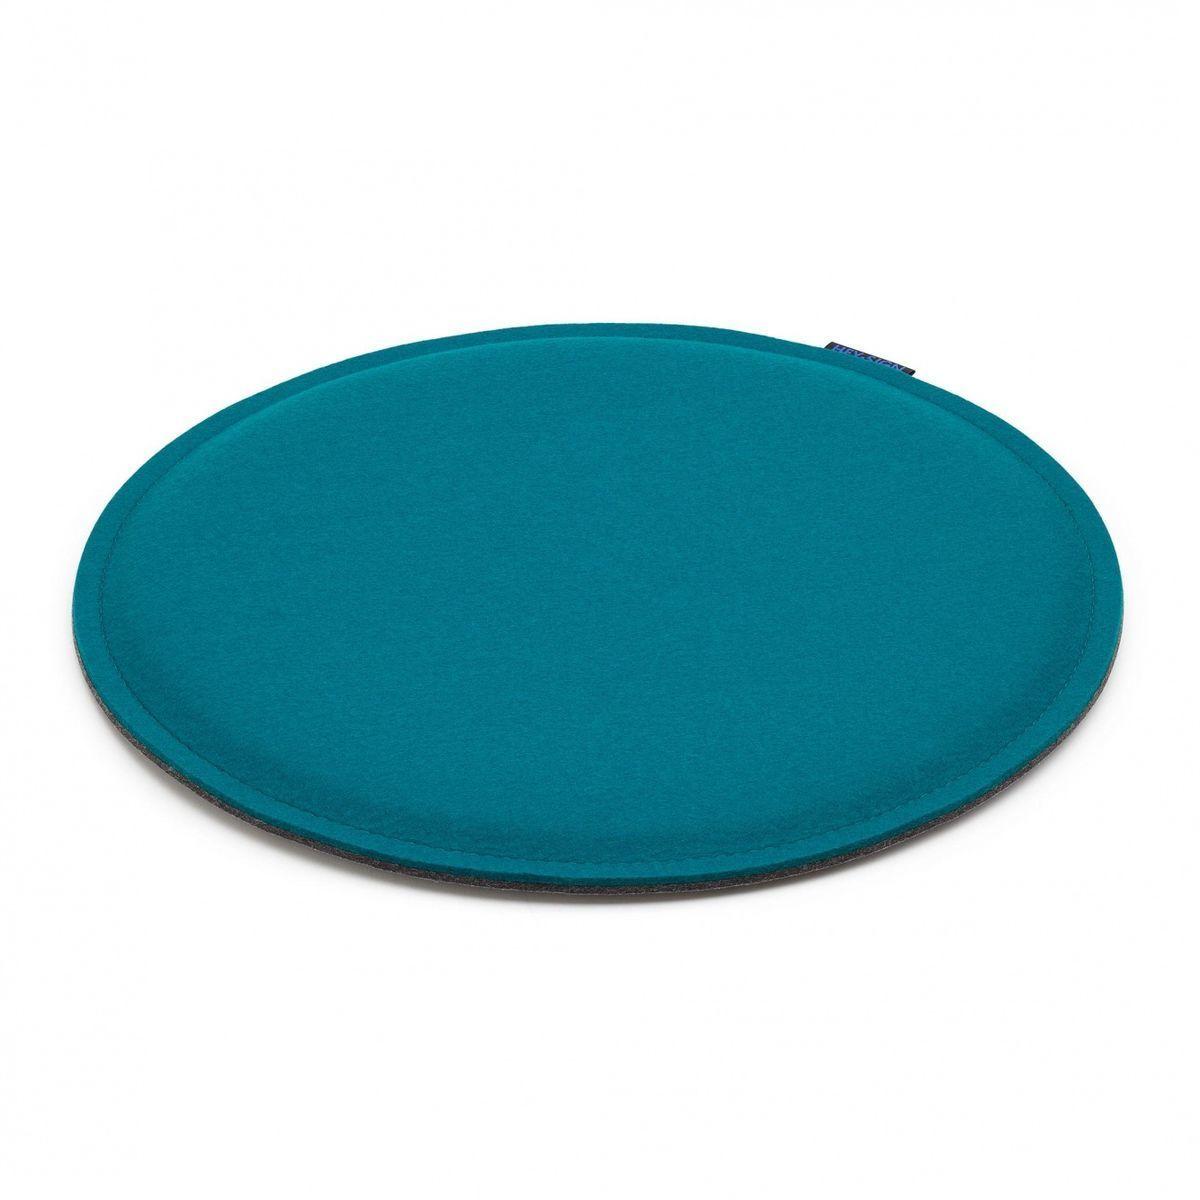 sitzauflage rund 35cm schaumstofff llung hey sign sitzkissen auflagen textilien. Black Bedroom Furniture Sets. Home Design Ideas